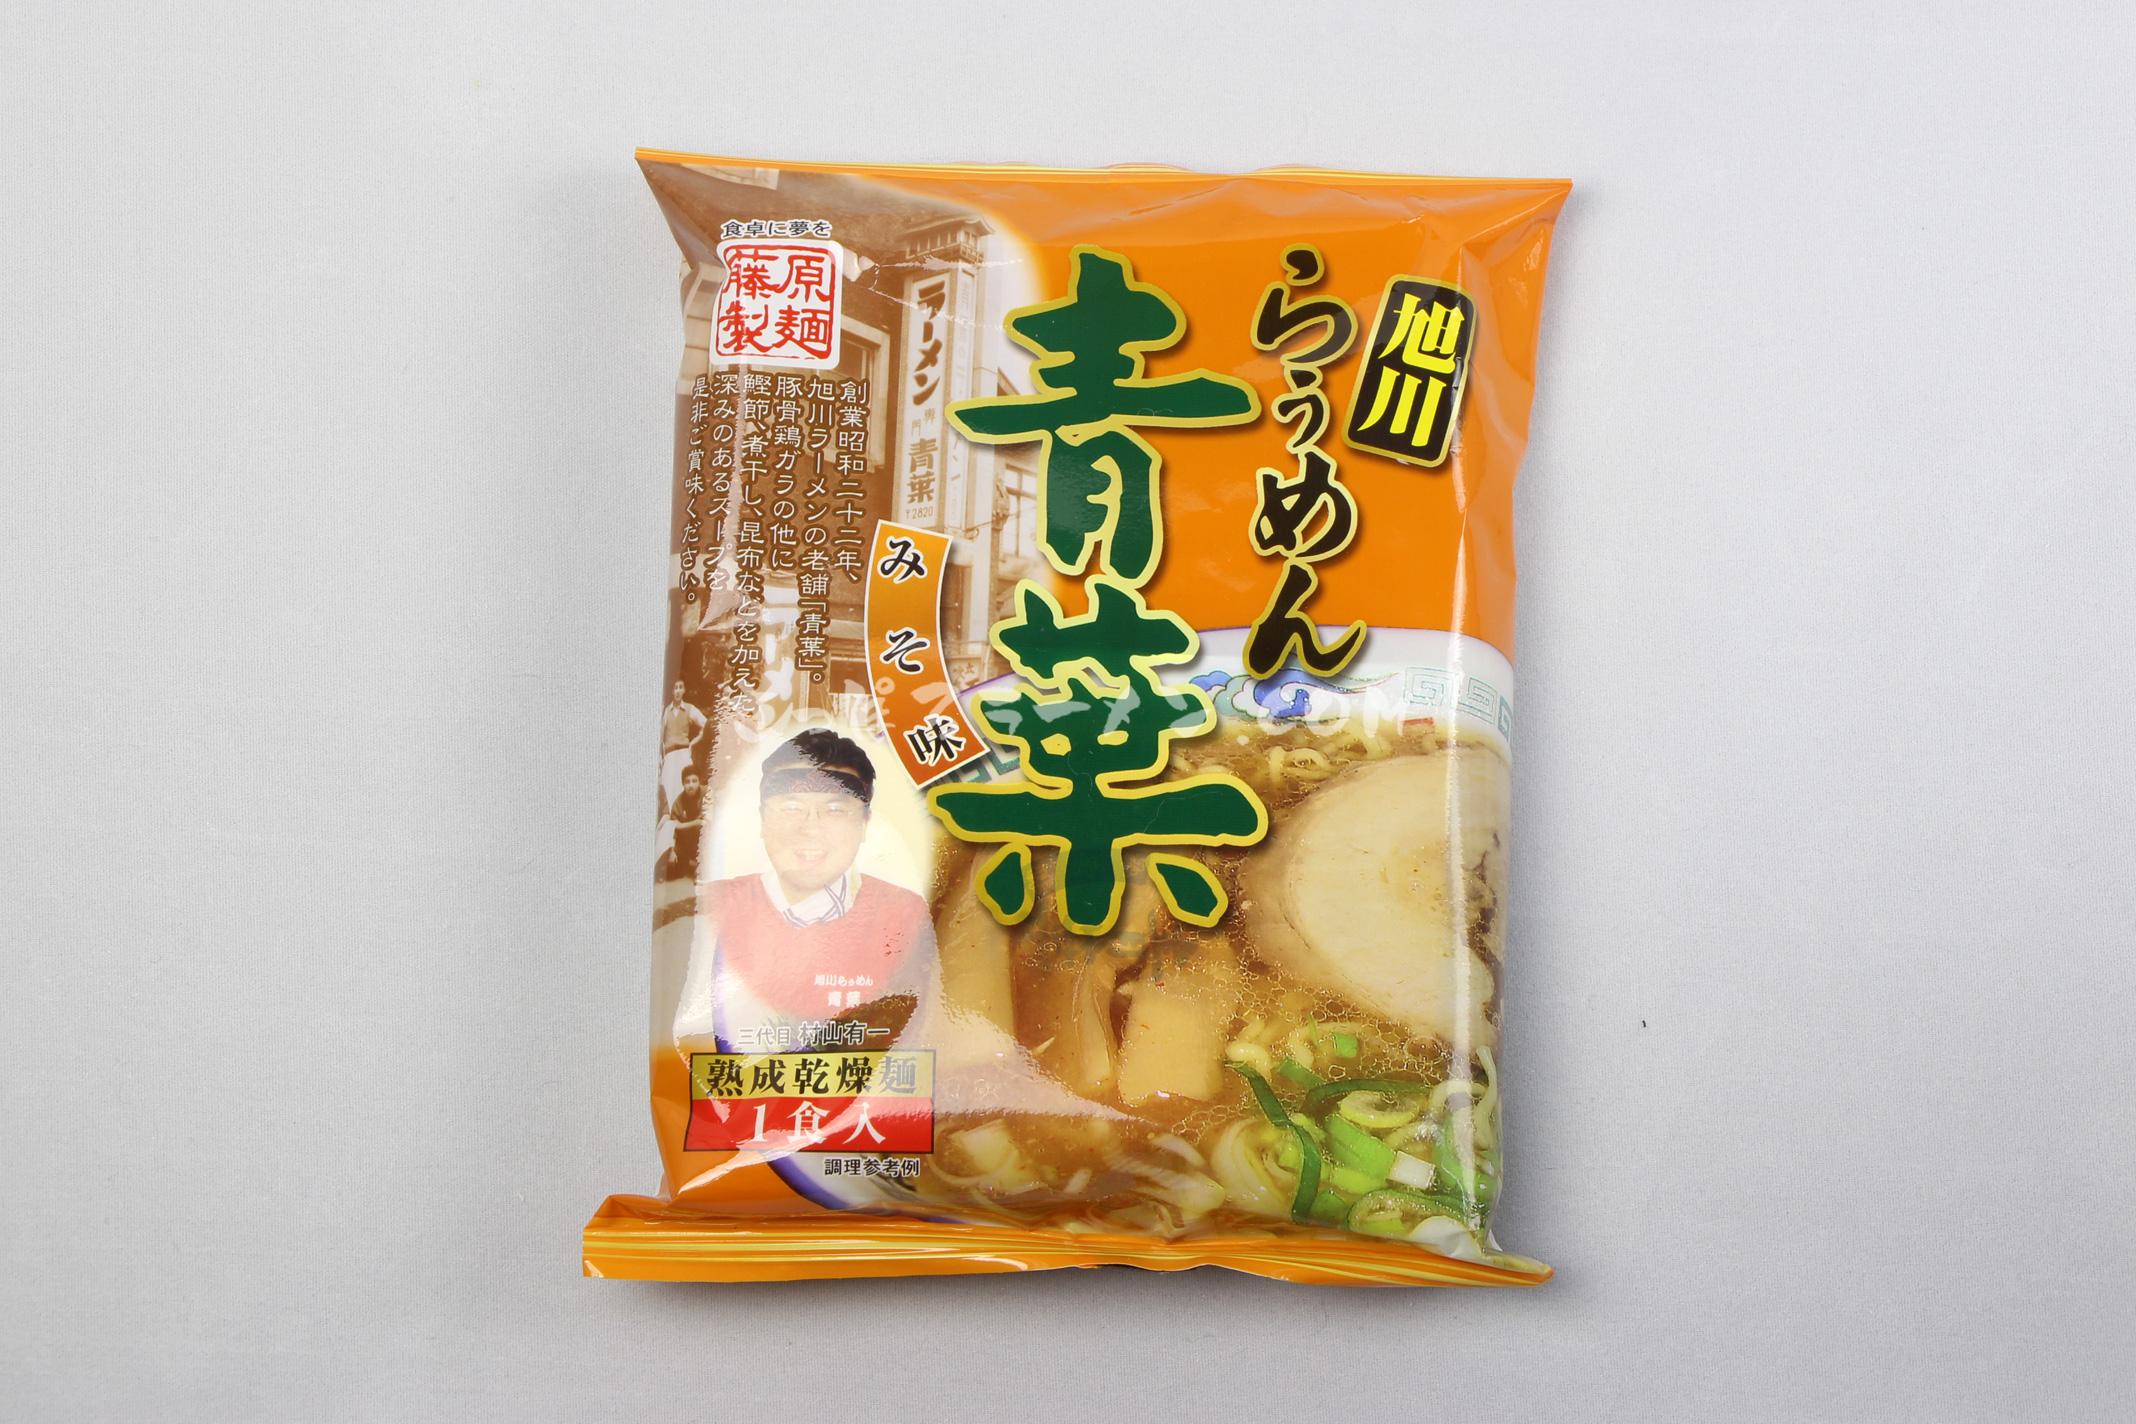 「 旭川らぅめん 青葉 みそ味」(藤原製麺)のパッケージ(表)